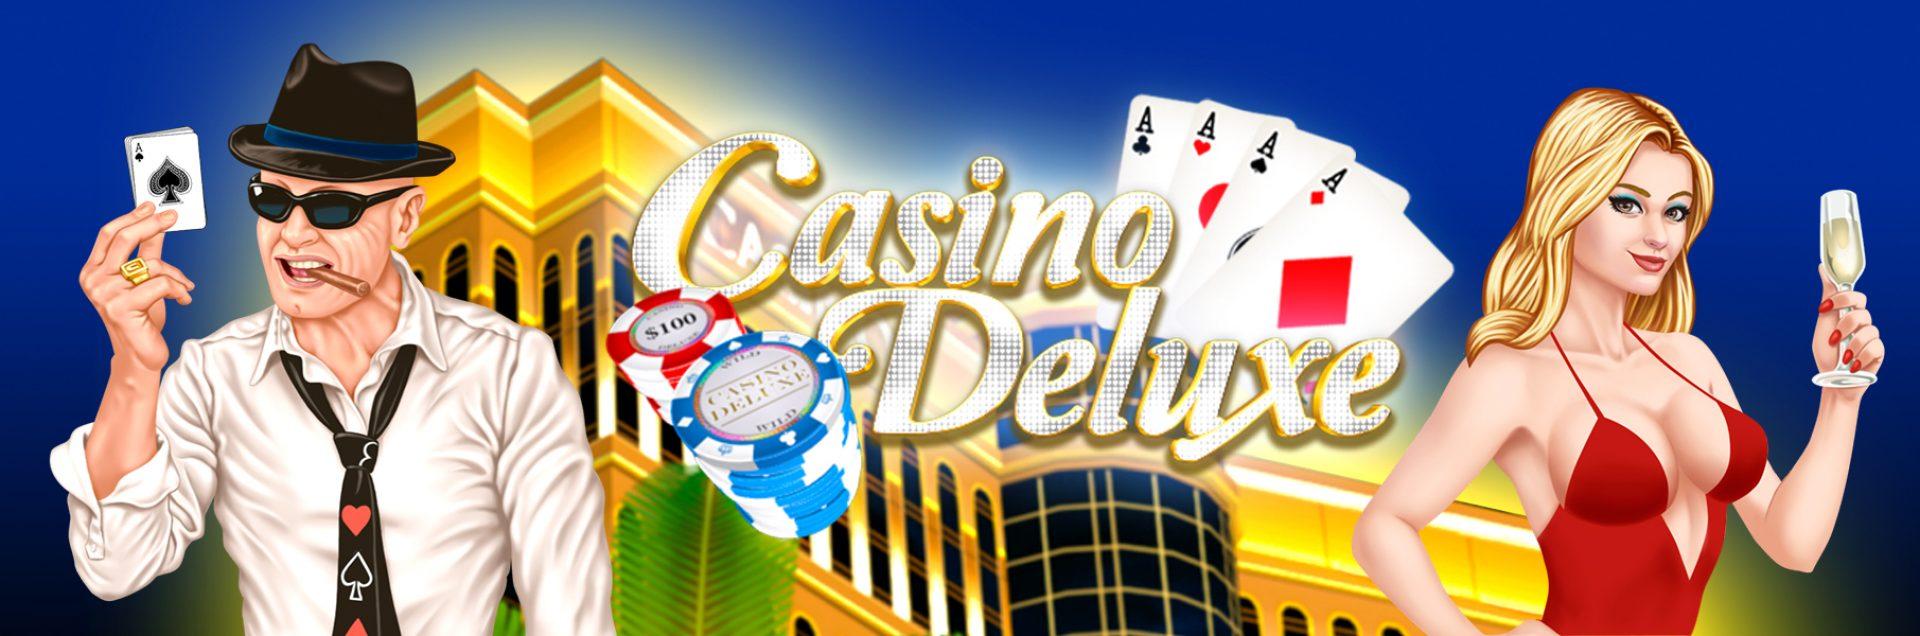 Casino_00